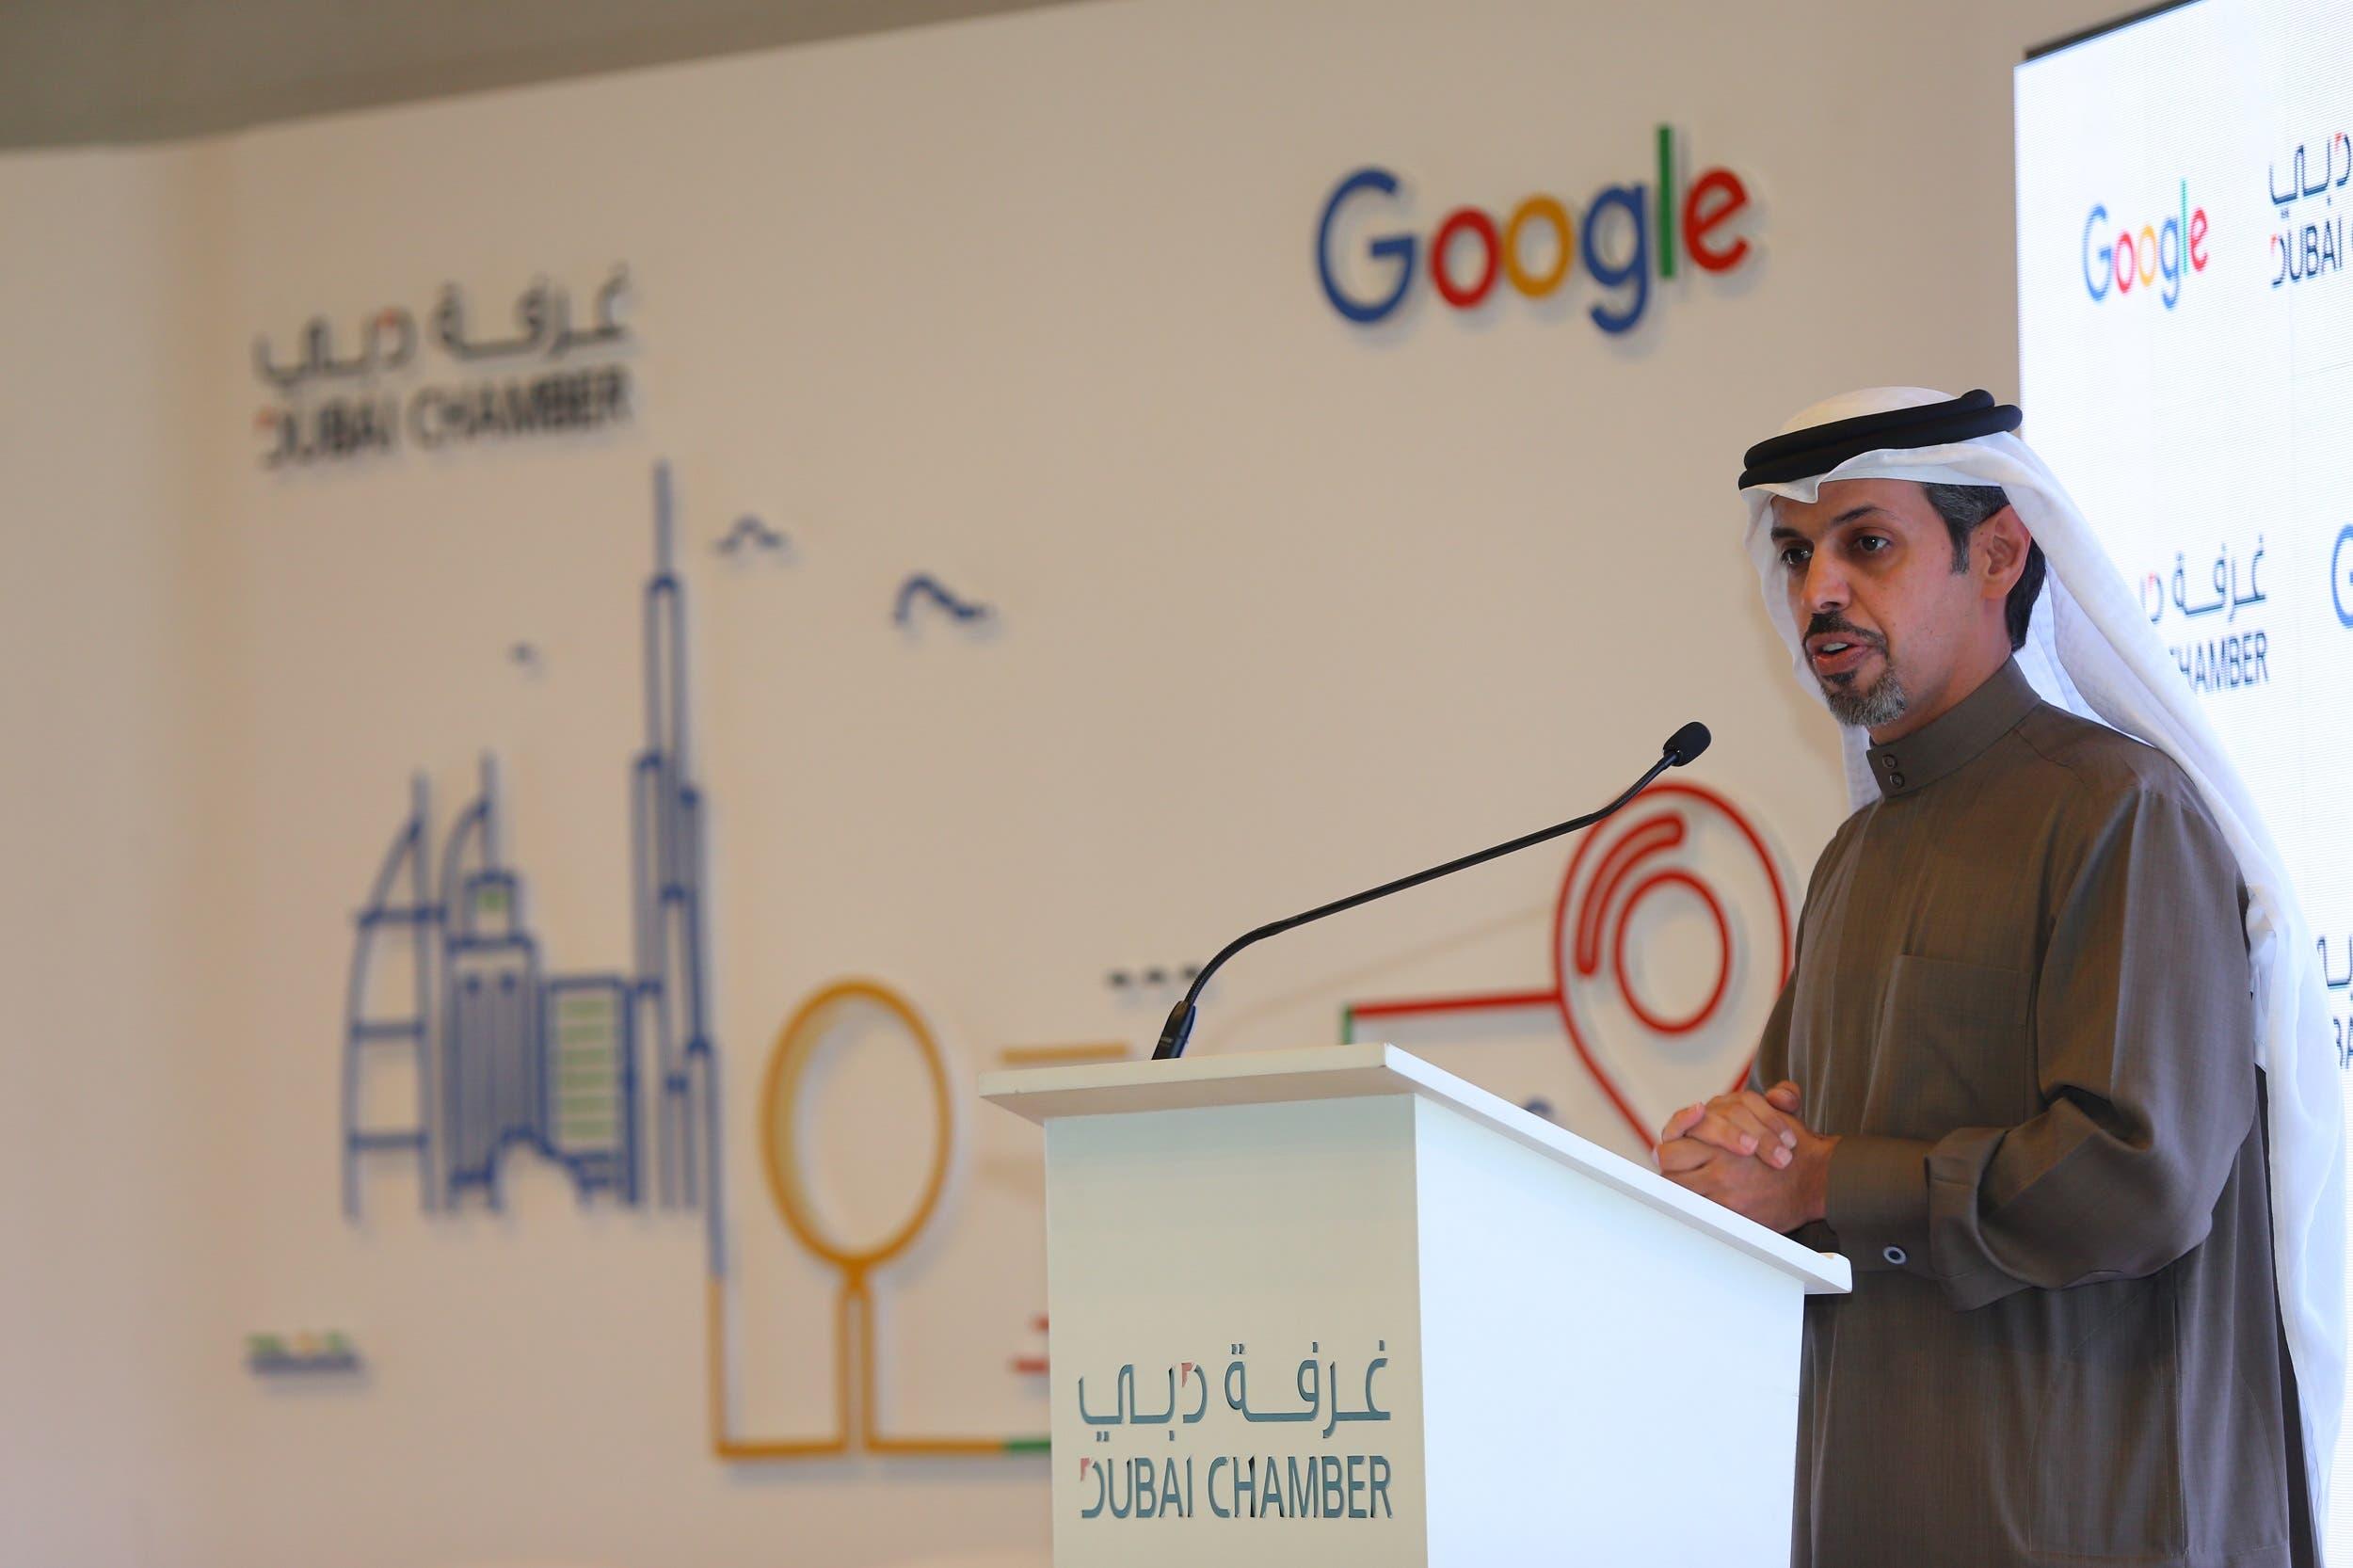 حمد بوعميم، مدير عام غرفة تجارة وصناعة دبي